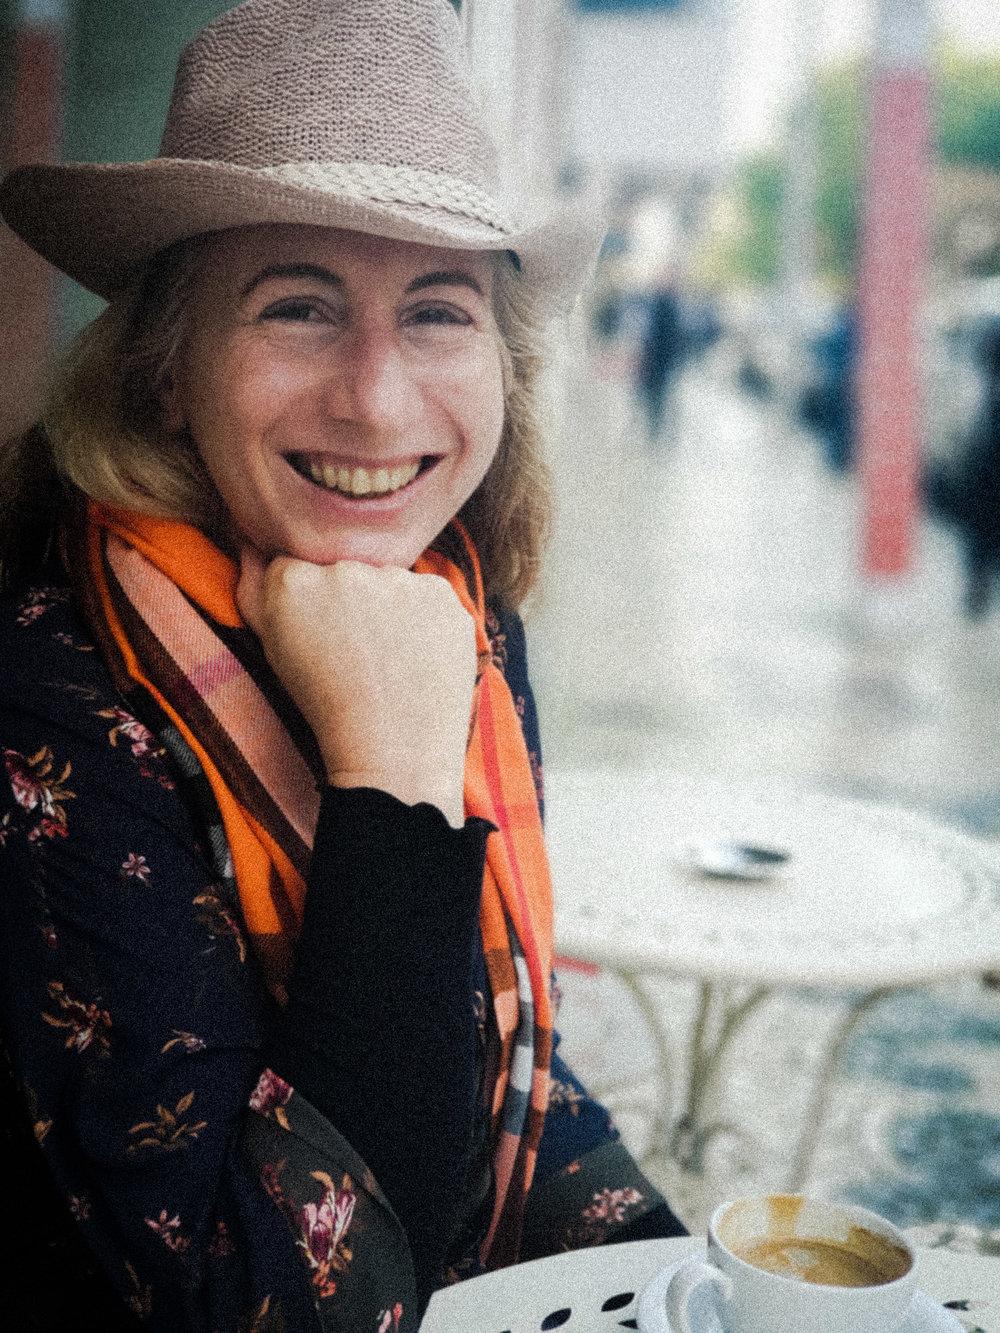 Anneke Bester Profile Image.jpg